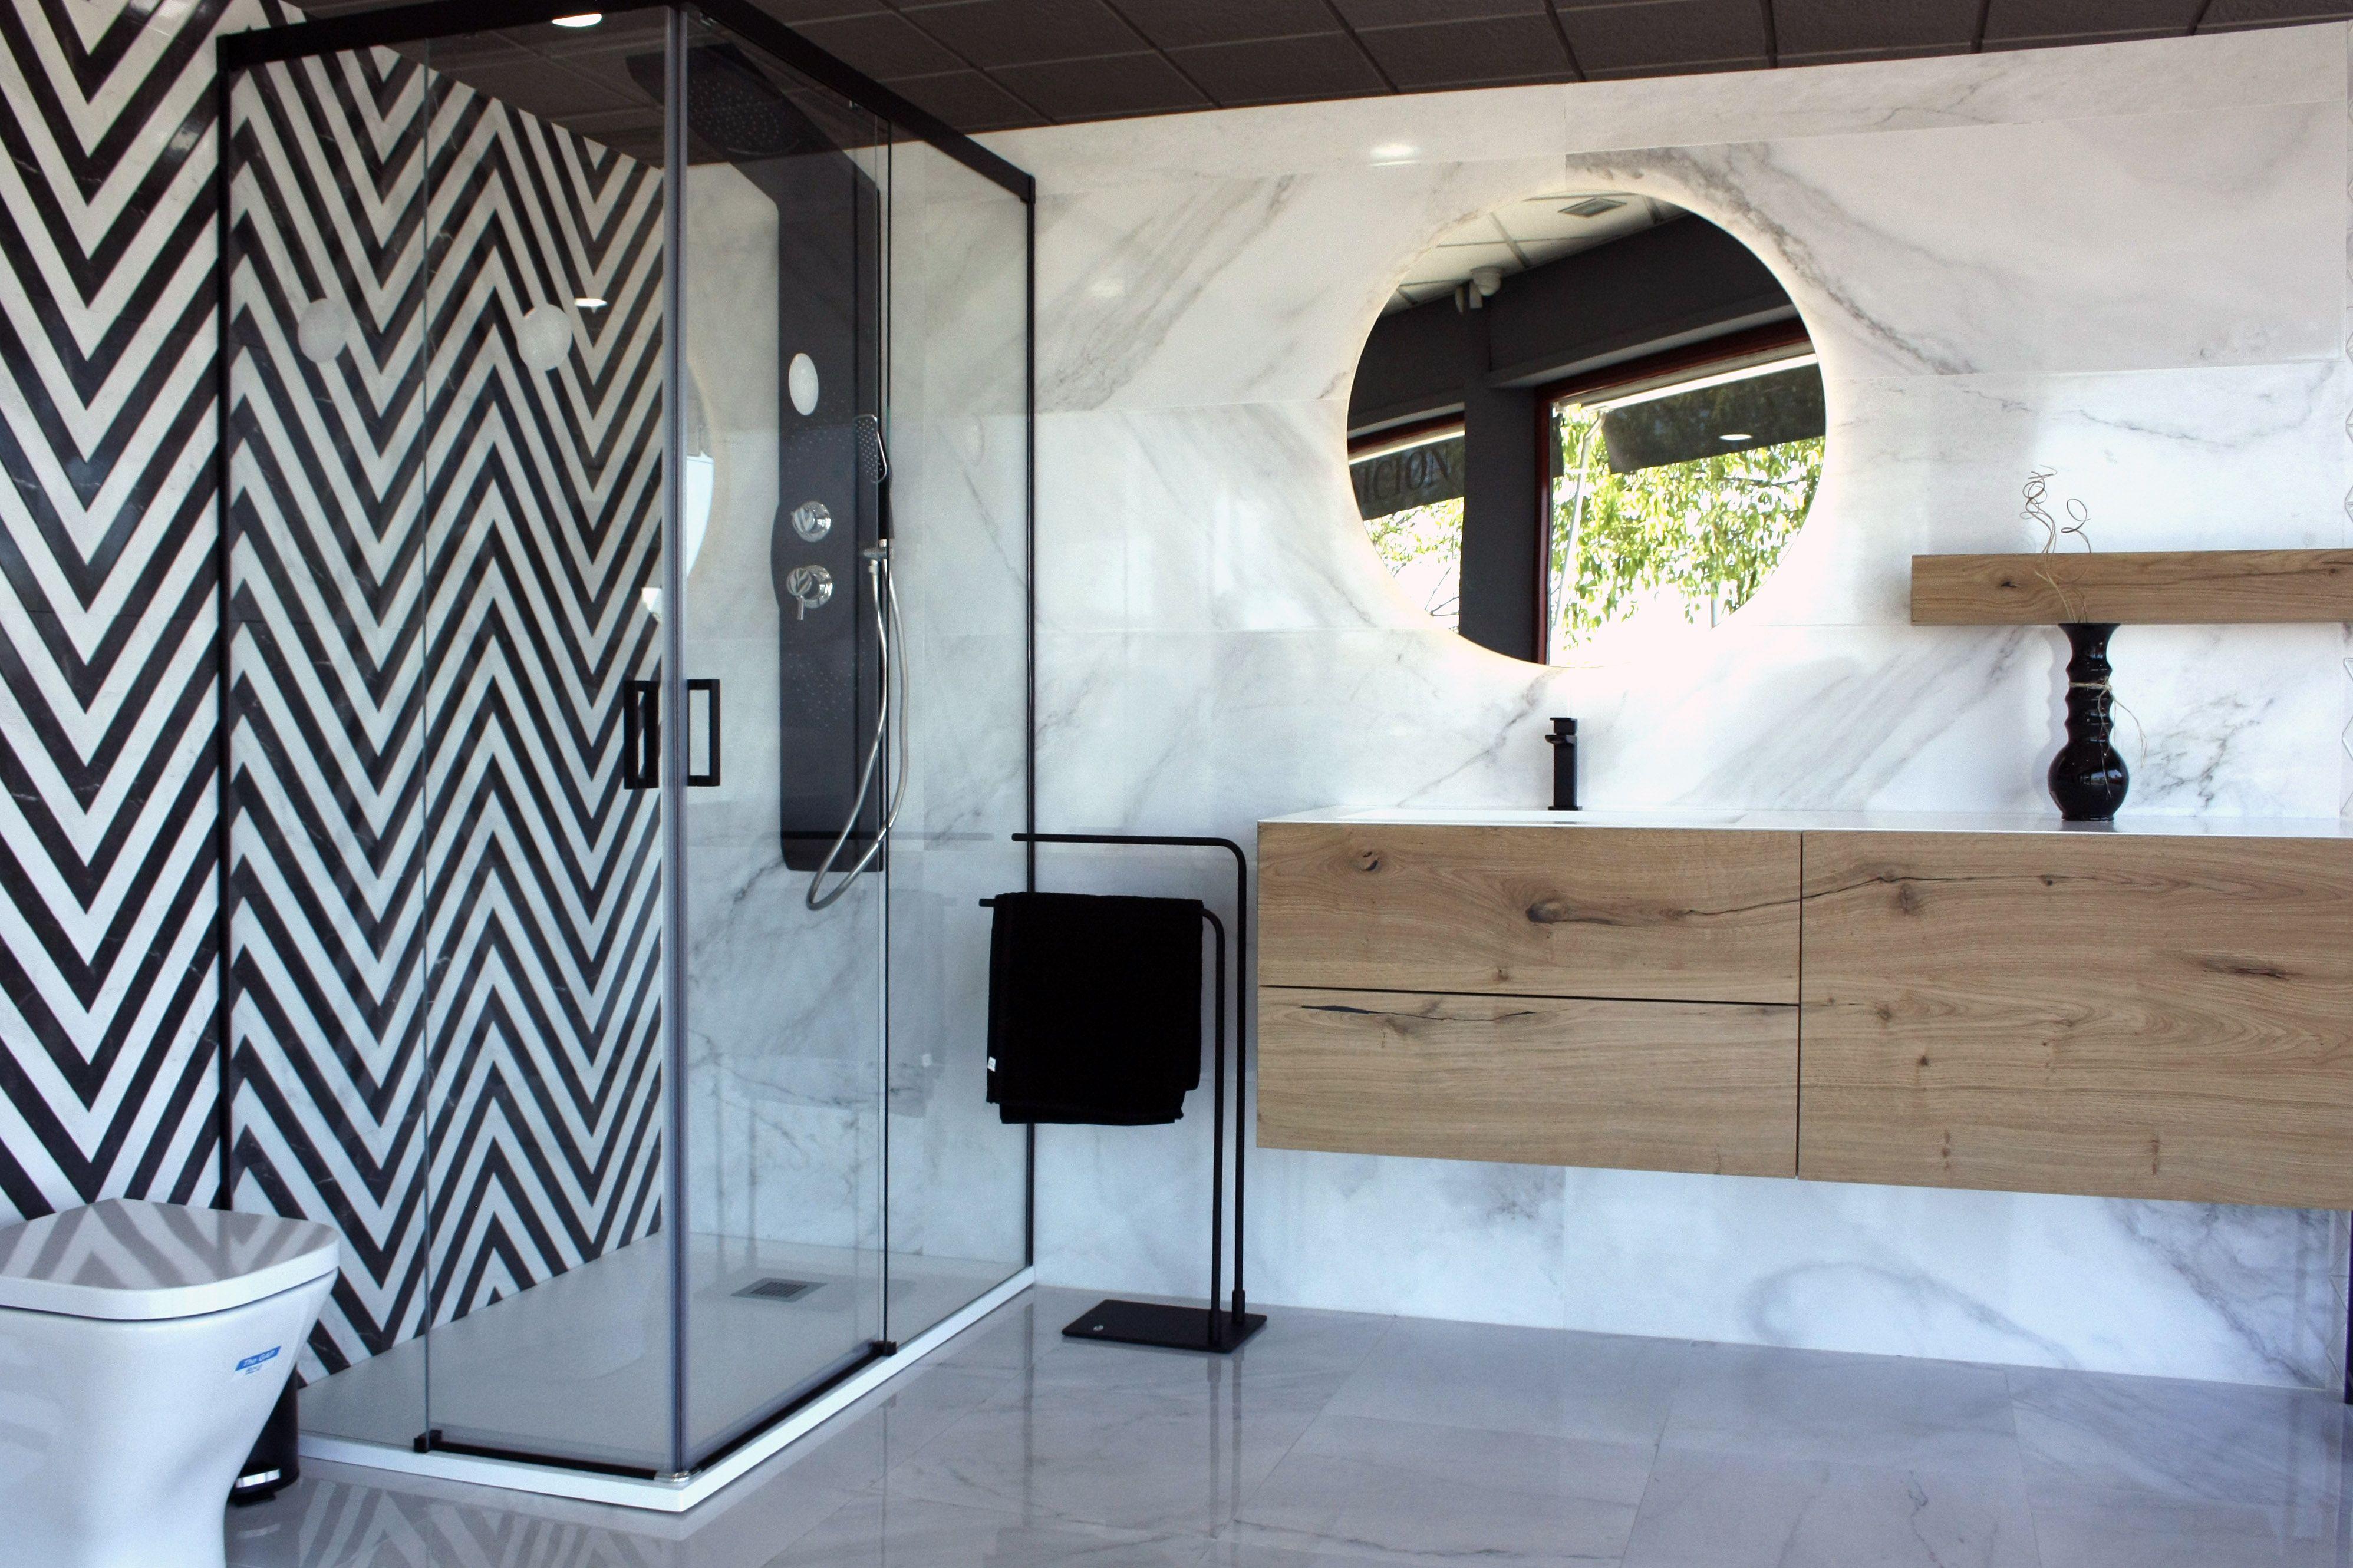 Foto 10 de Muebles de baño y cocina en Maracena | Pavimentos Loymar, S.L.